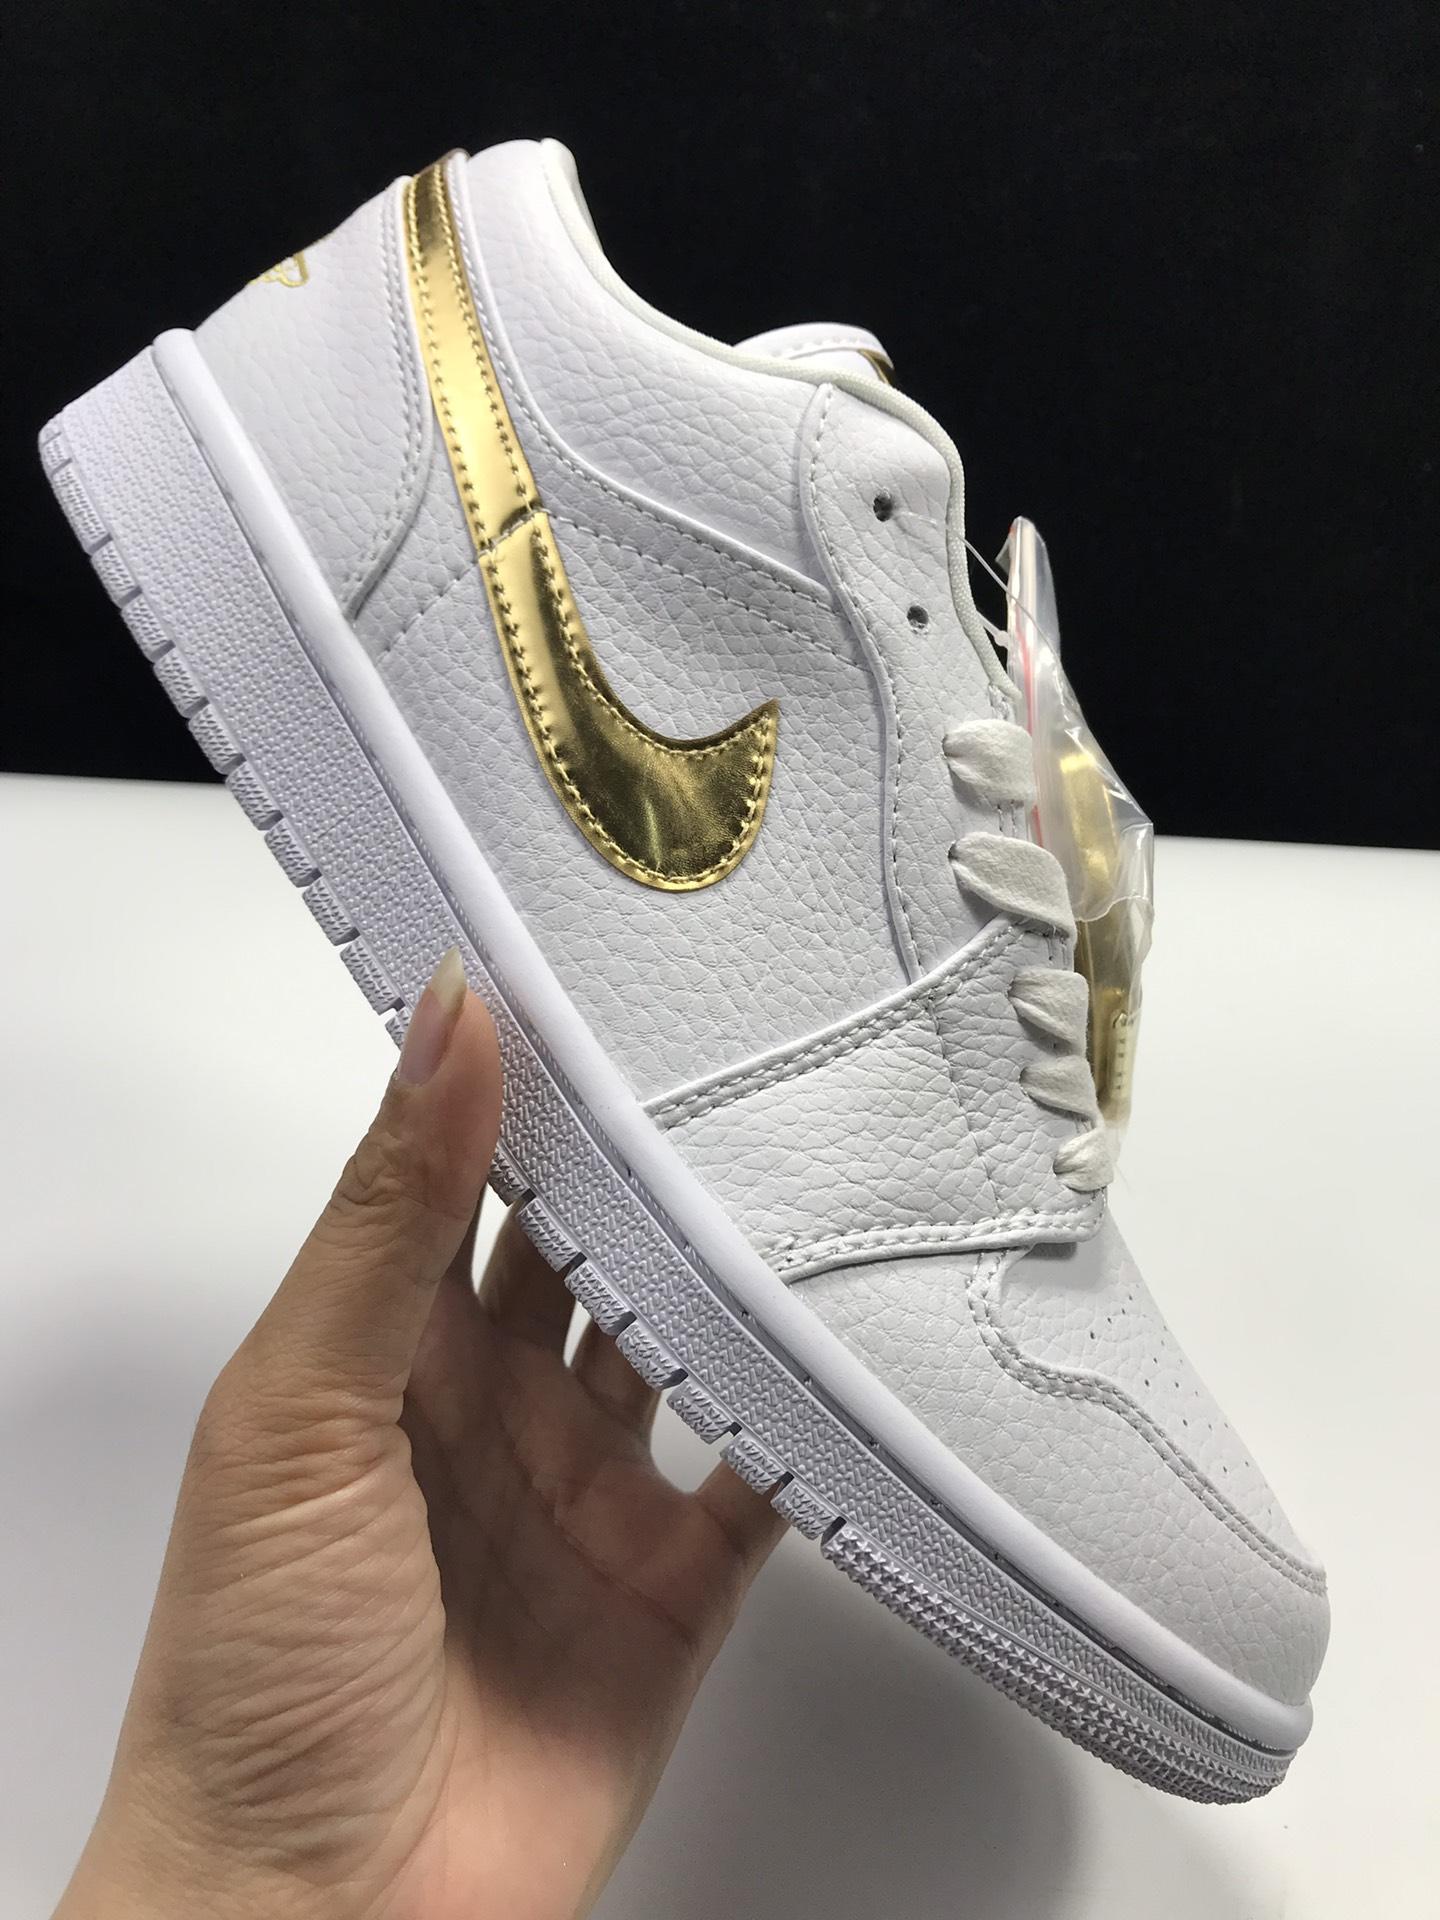 【莞L版:AJ1 Low】金钩白 Air Jordan 1 low OG,货号:CZ4776-100_鞋ljr是什么版本